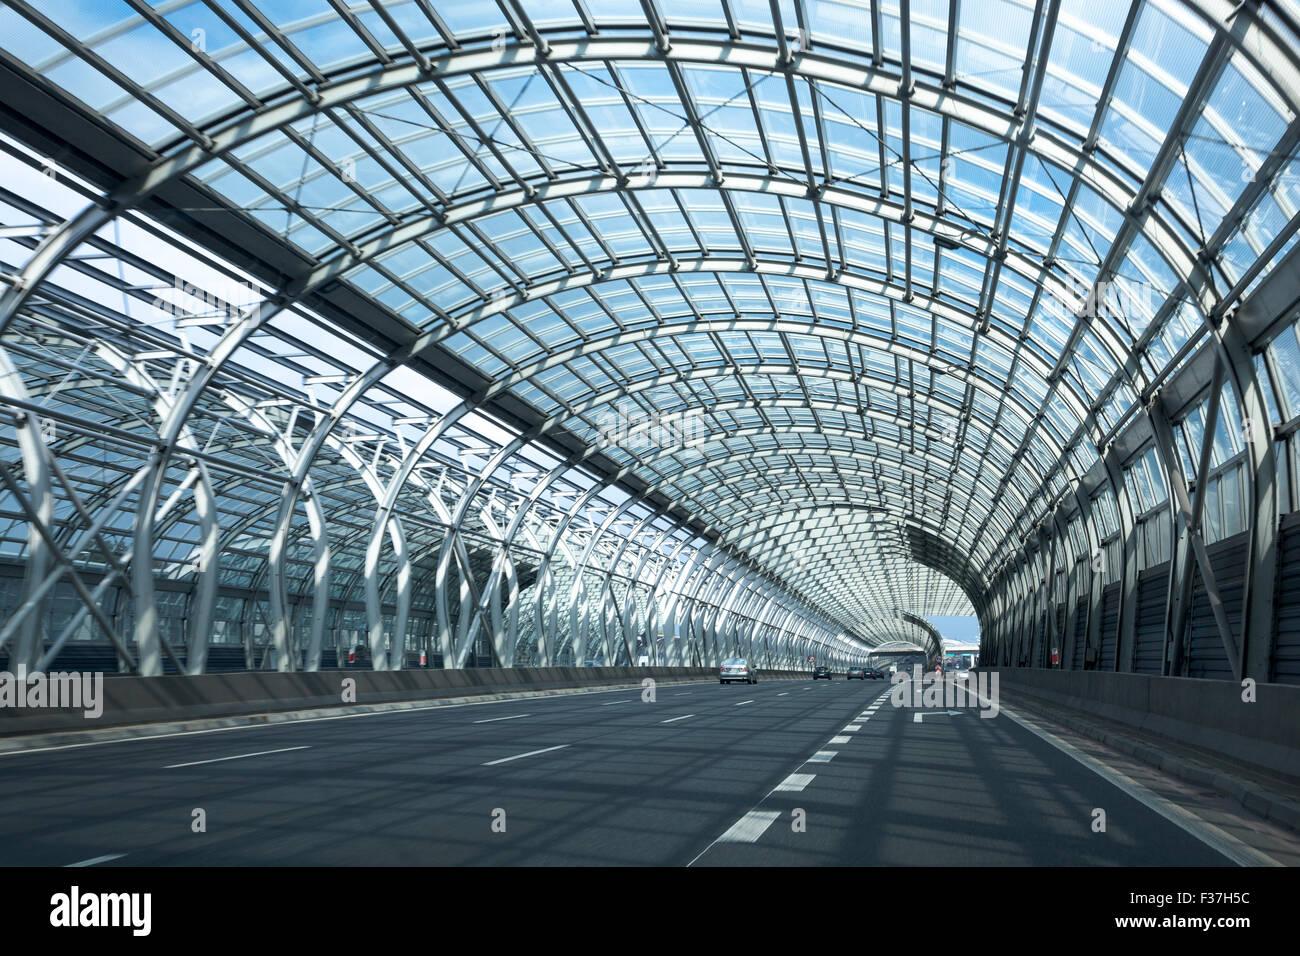 Strada con barriere sonore per ridurre l'inquinamento acustico nel centro di Varsavia, Polonia Immagini Stock